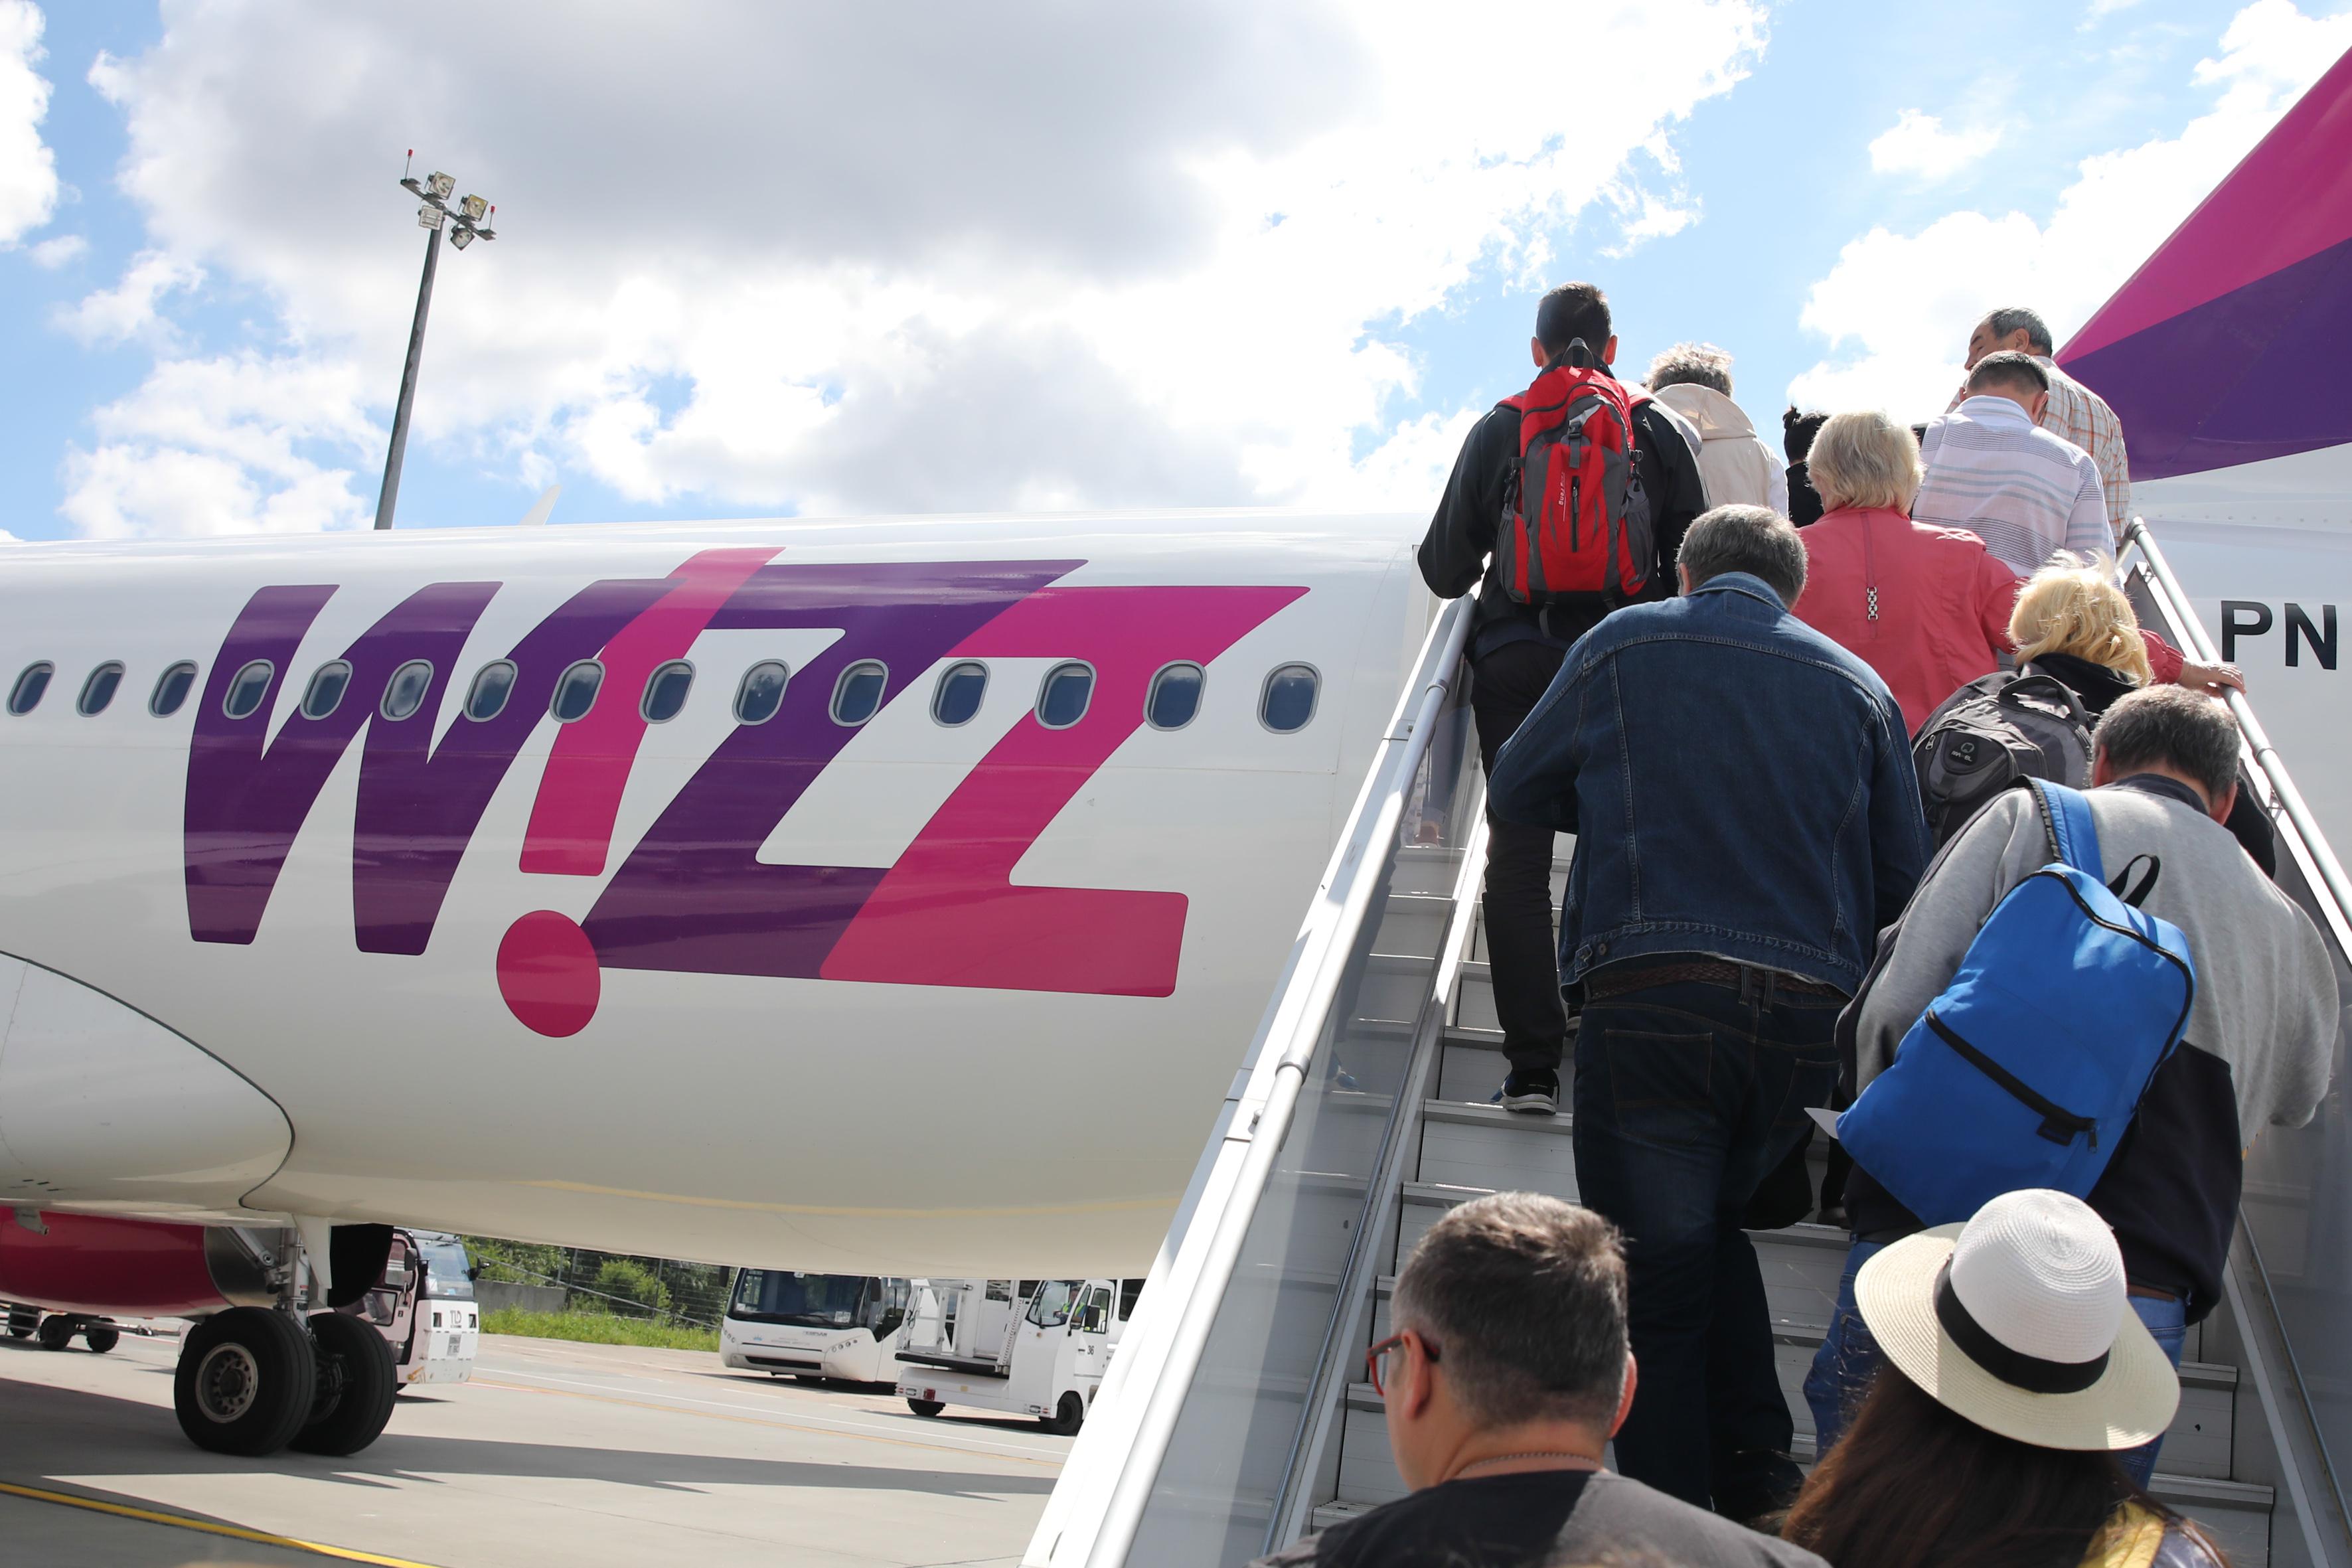 Botrány a Wizz Airnél: titokban készült hangfelvétel miatt elmozdították a cég egyik csúcsvezetőjét és húsznál több bázisparancsnokot